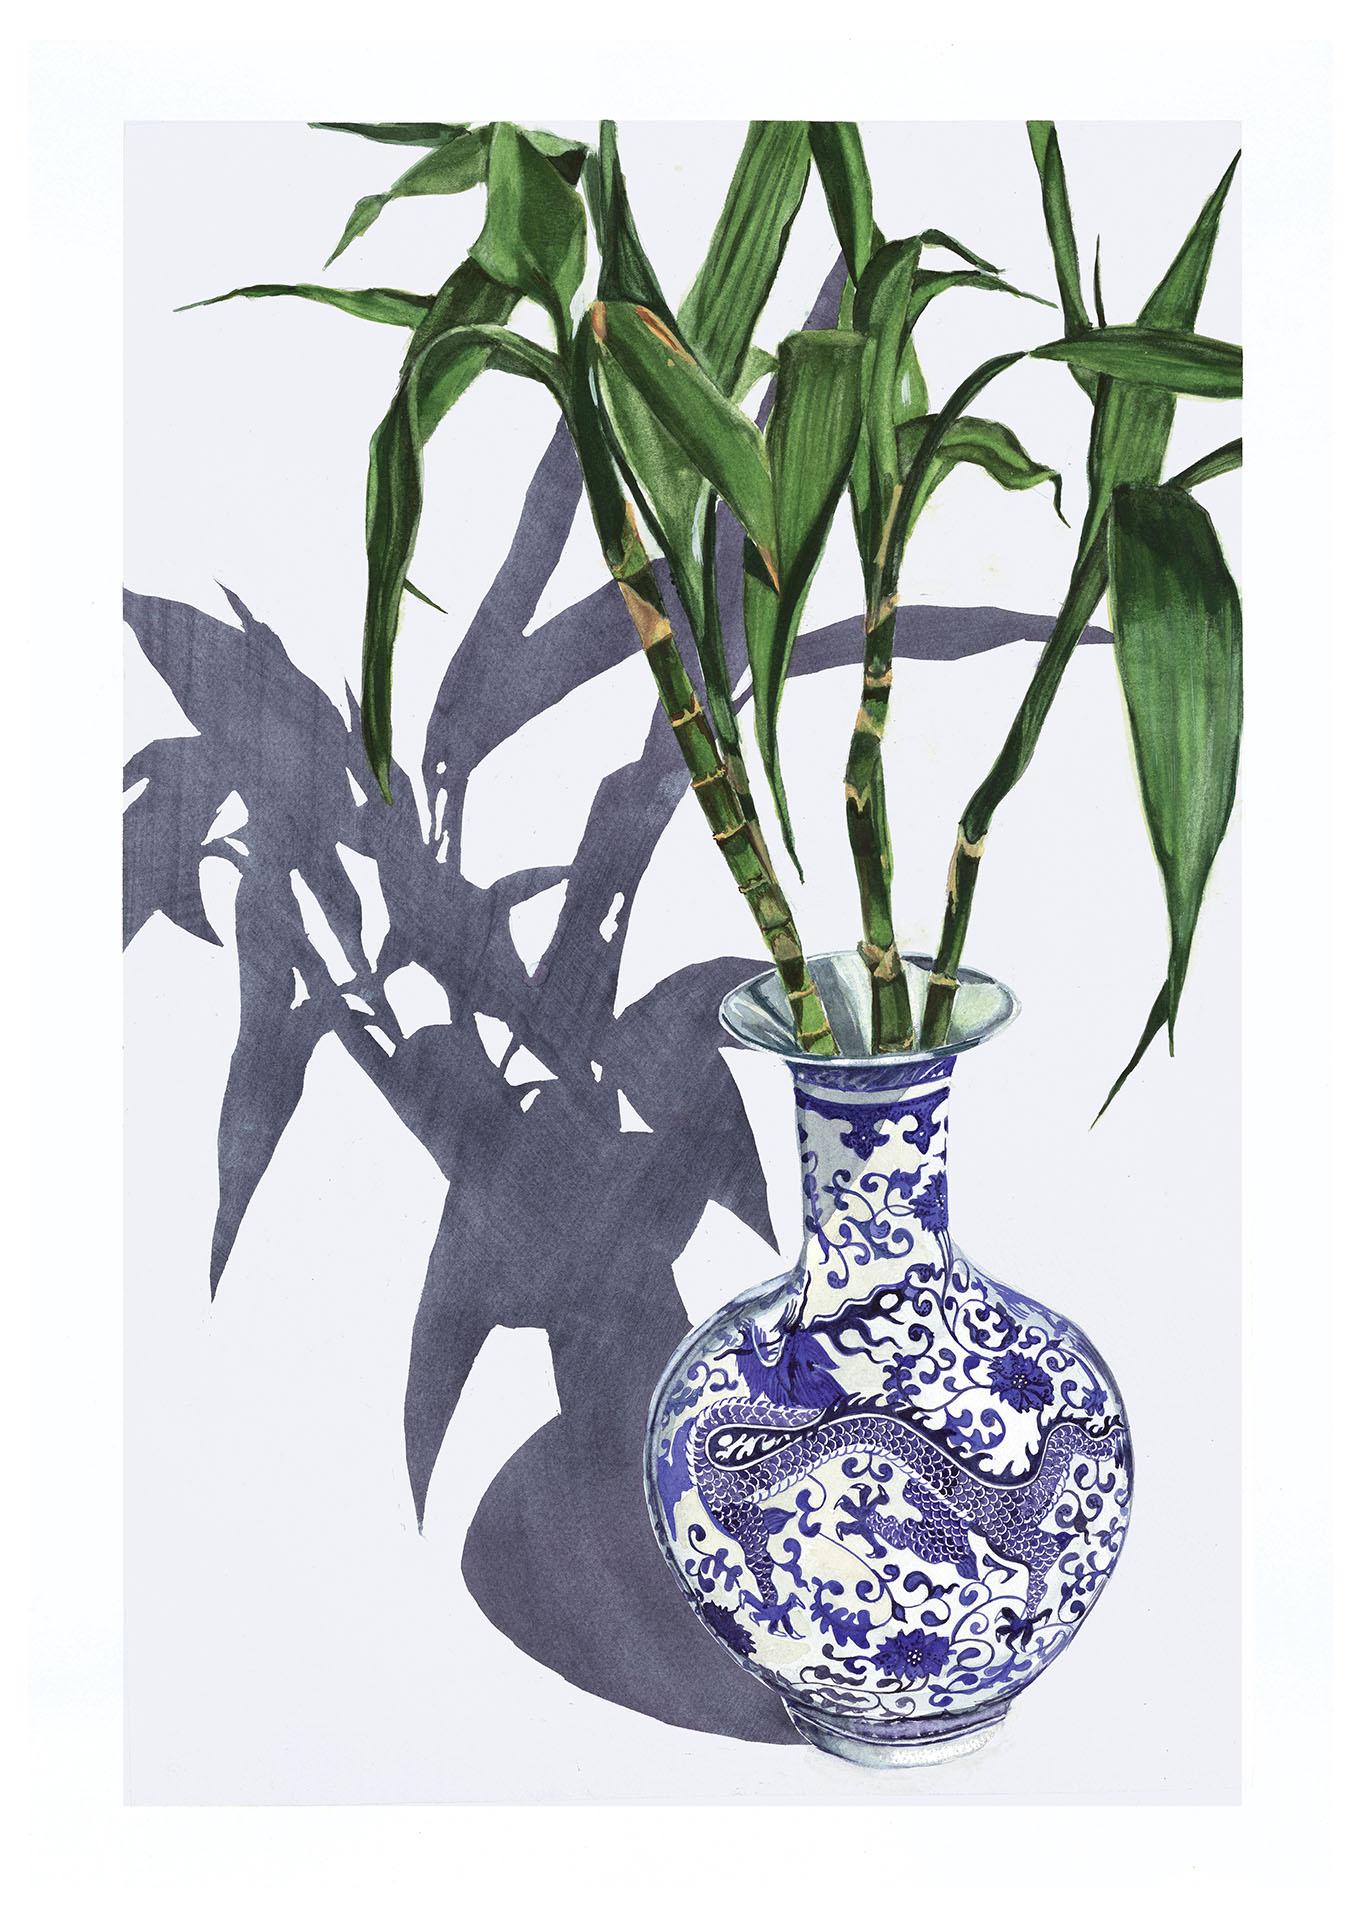 1-bamboo-in-vase-lr